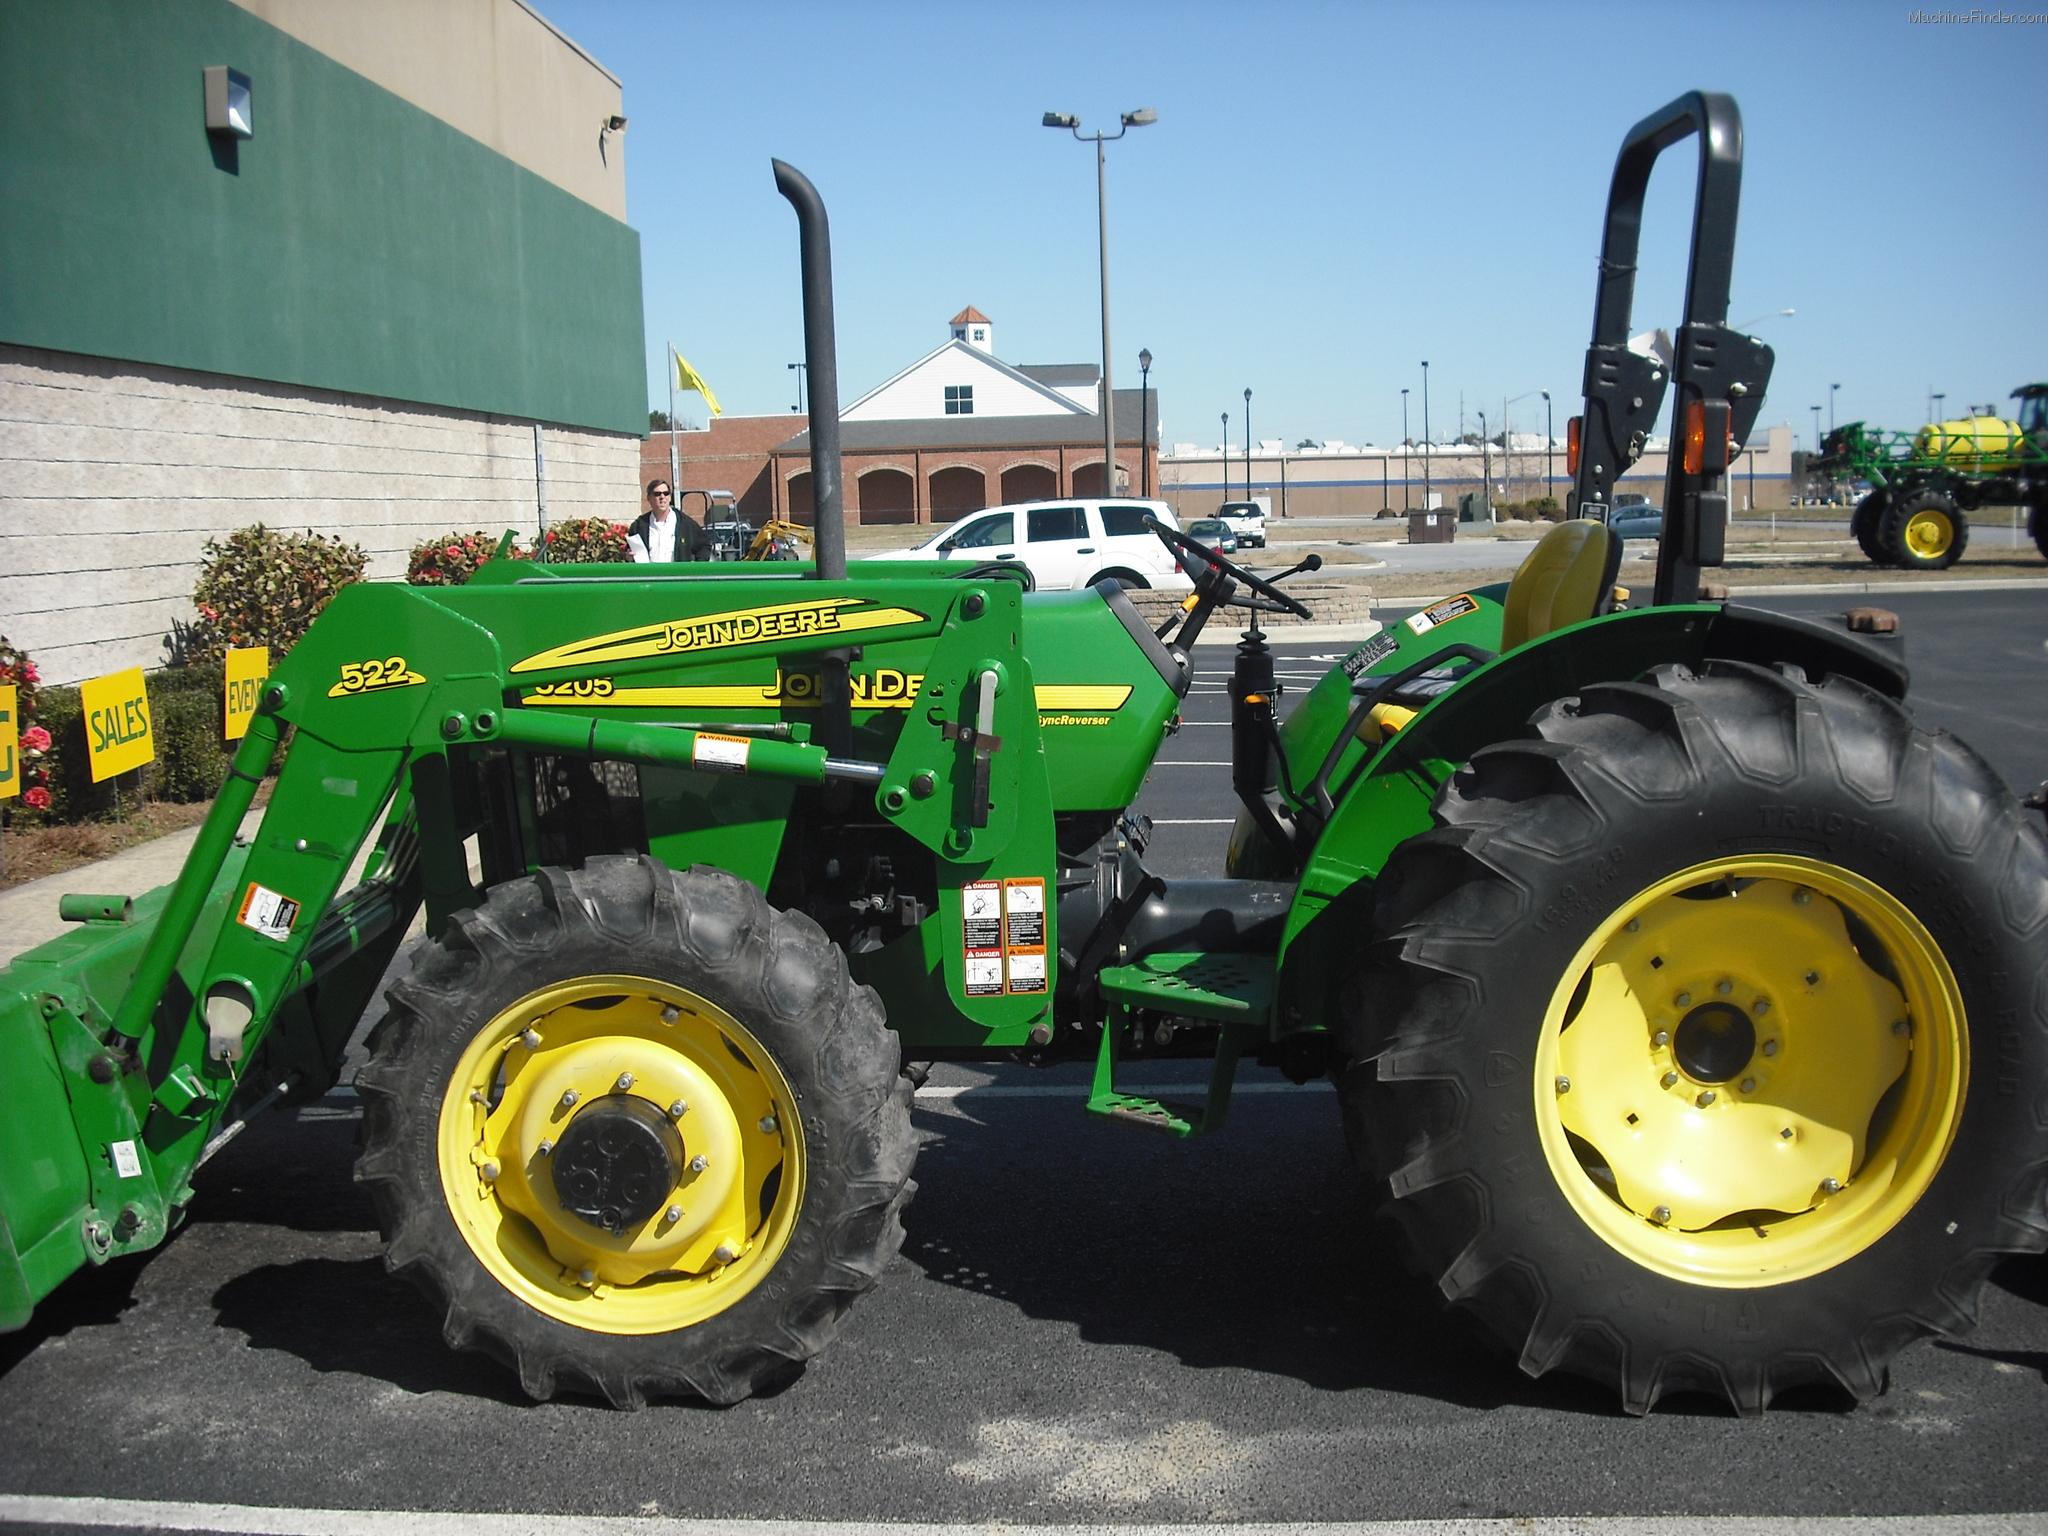 John Deere 5205 Tractor Utility Tractors. 2007 John Deere 5205 Tractors Utility 40100hp. John Deere. John Deere 5205 Pto Diagram At Scoala.co